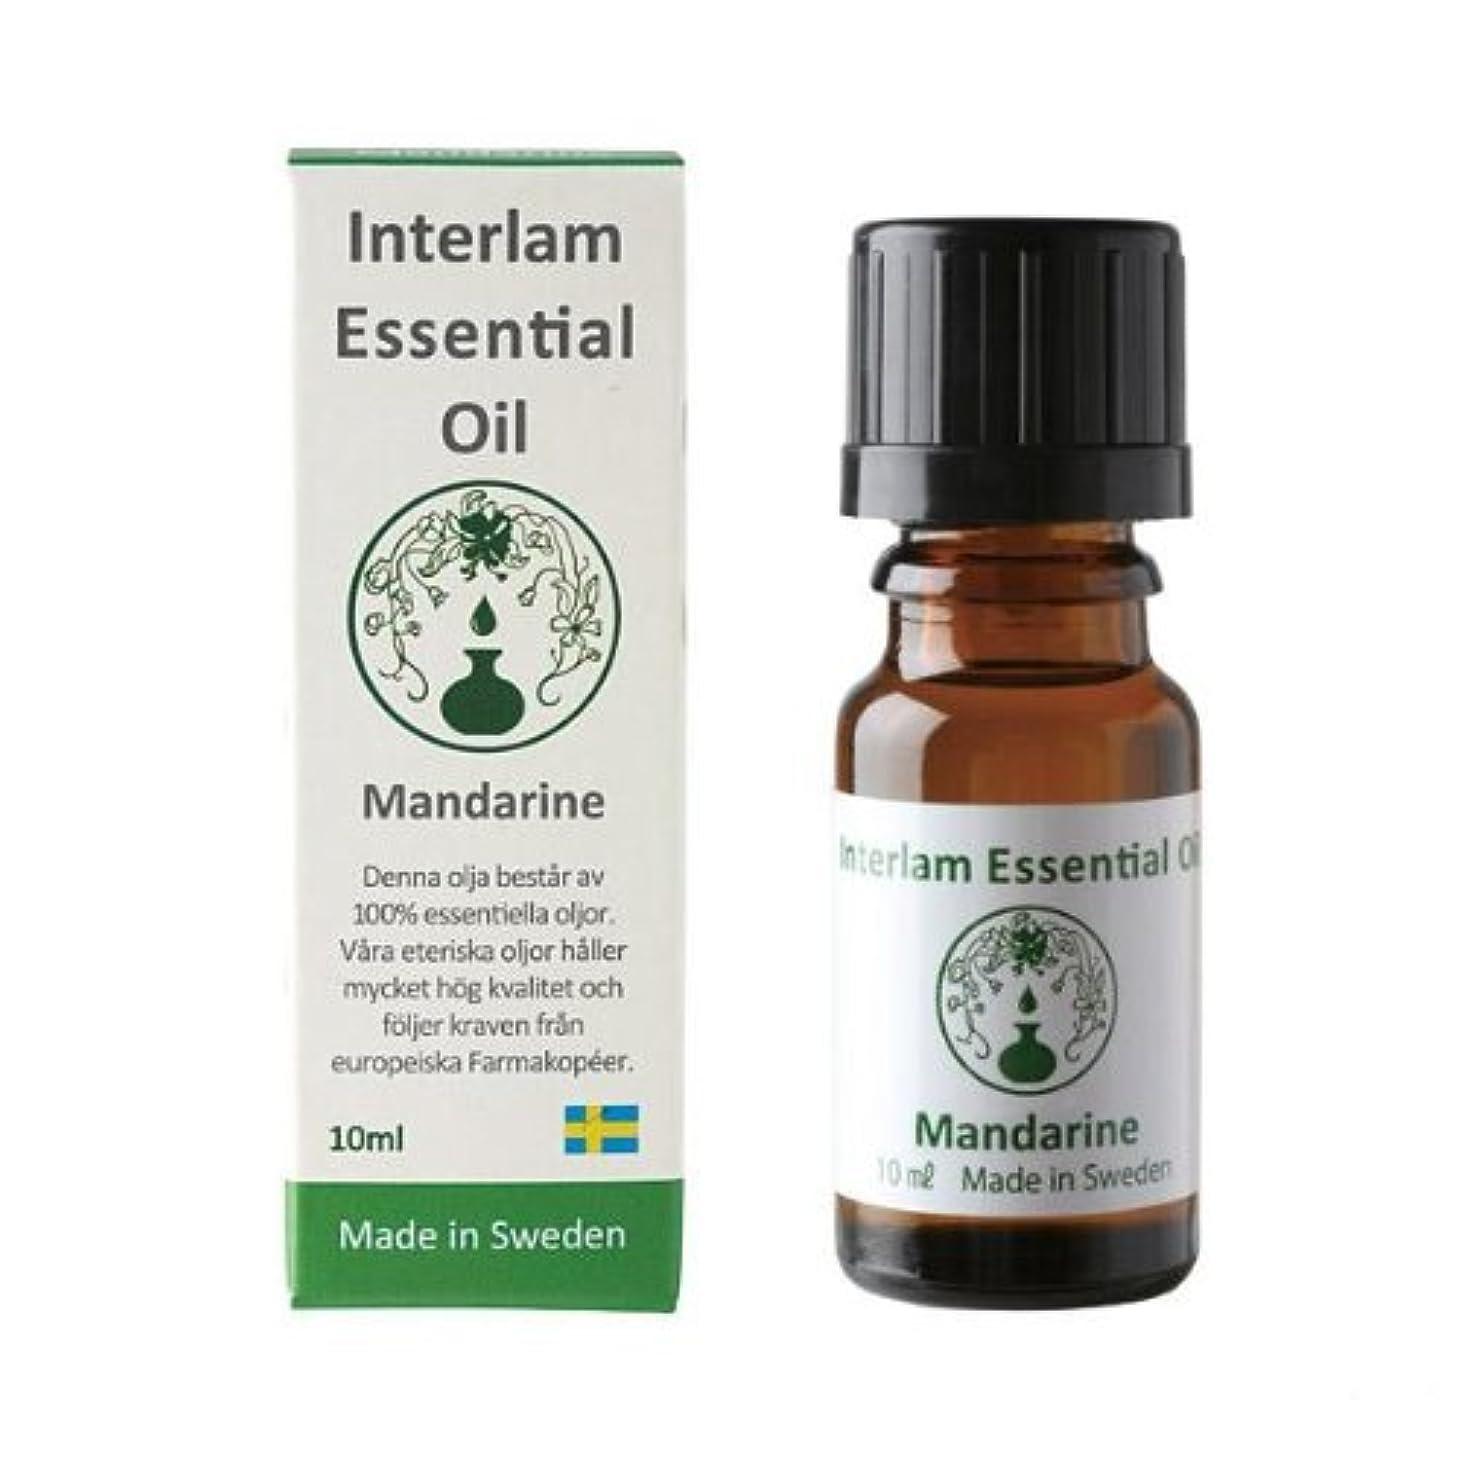 マウントバンクパッド集めるInterlam Essential Oil マンダリン 10ml